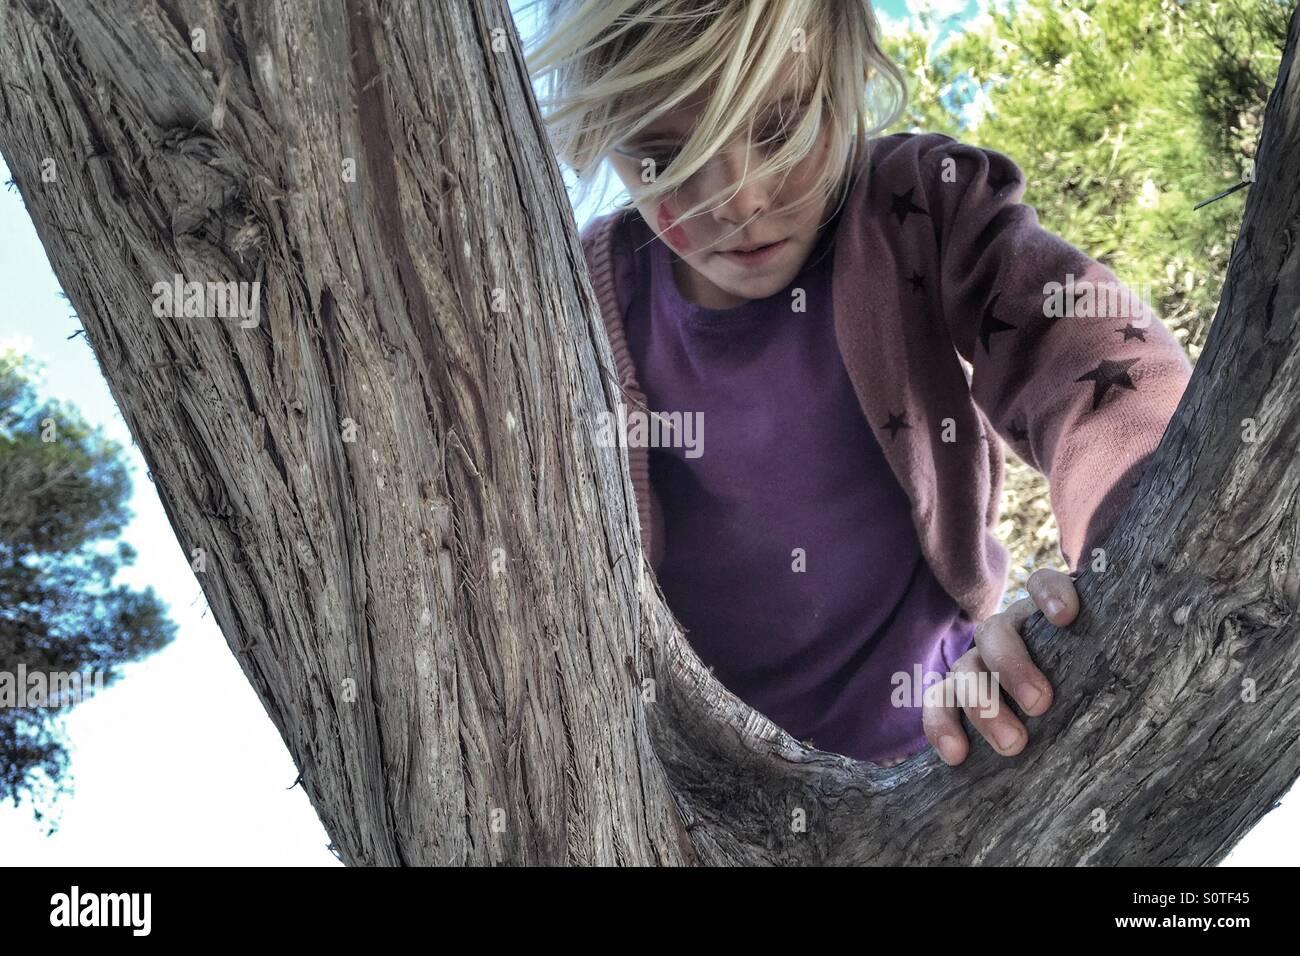 Mädchen, die einen Baum klettern Stockbild